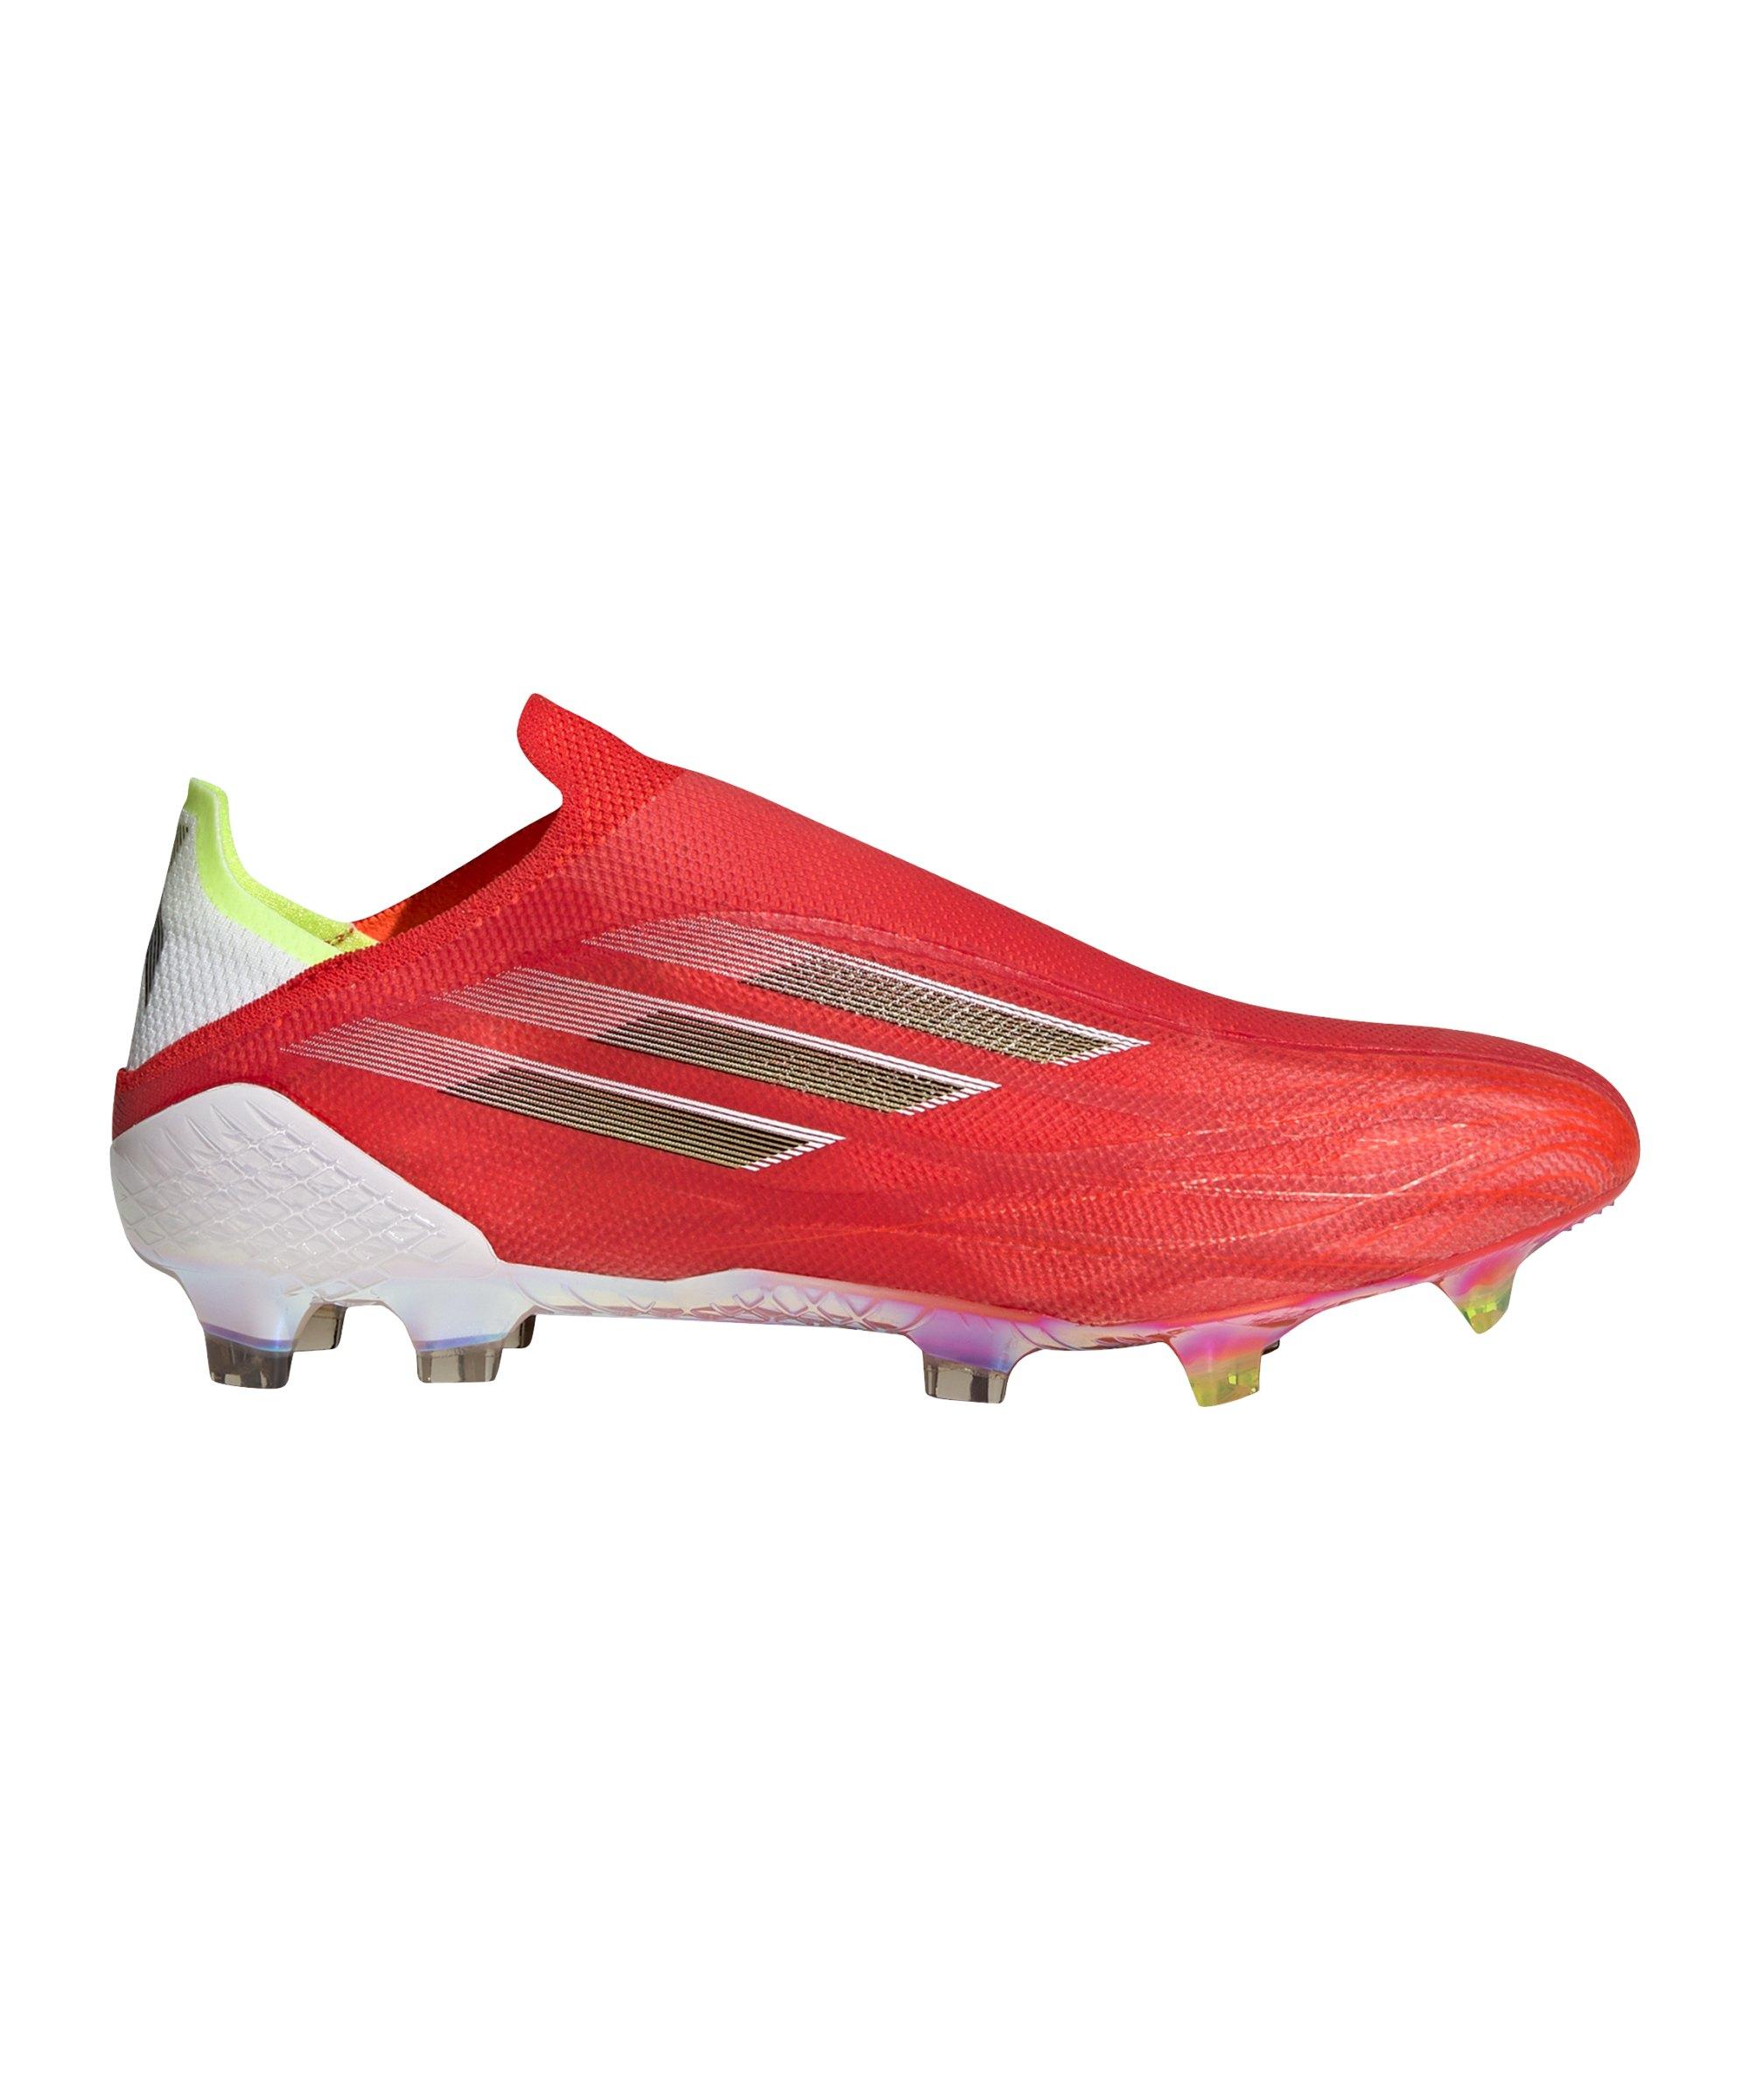 adidas X SPEEDFLOW+ FG Meteorite Rot Schwarz - rot